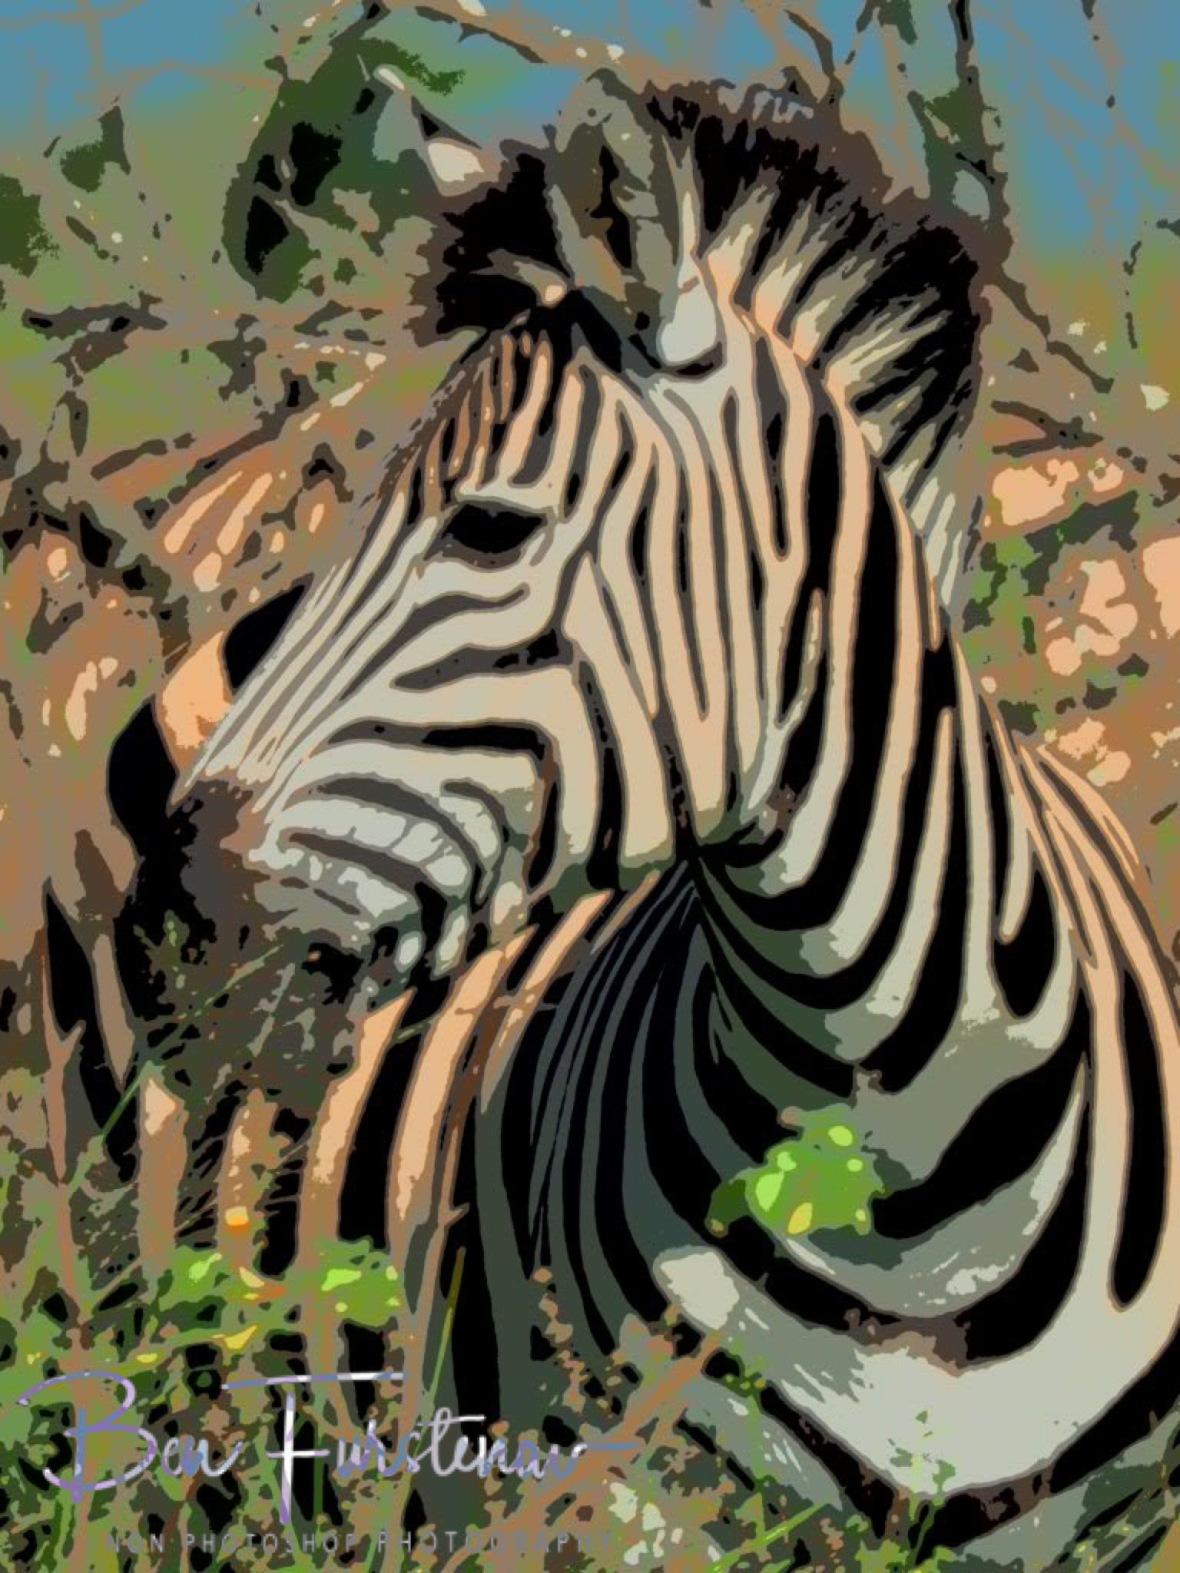 Painted zebra, Kruger National Park